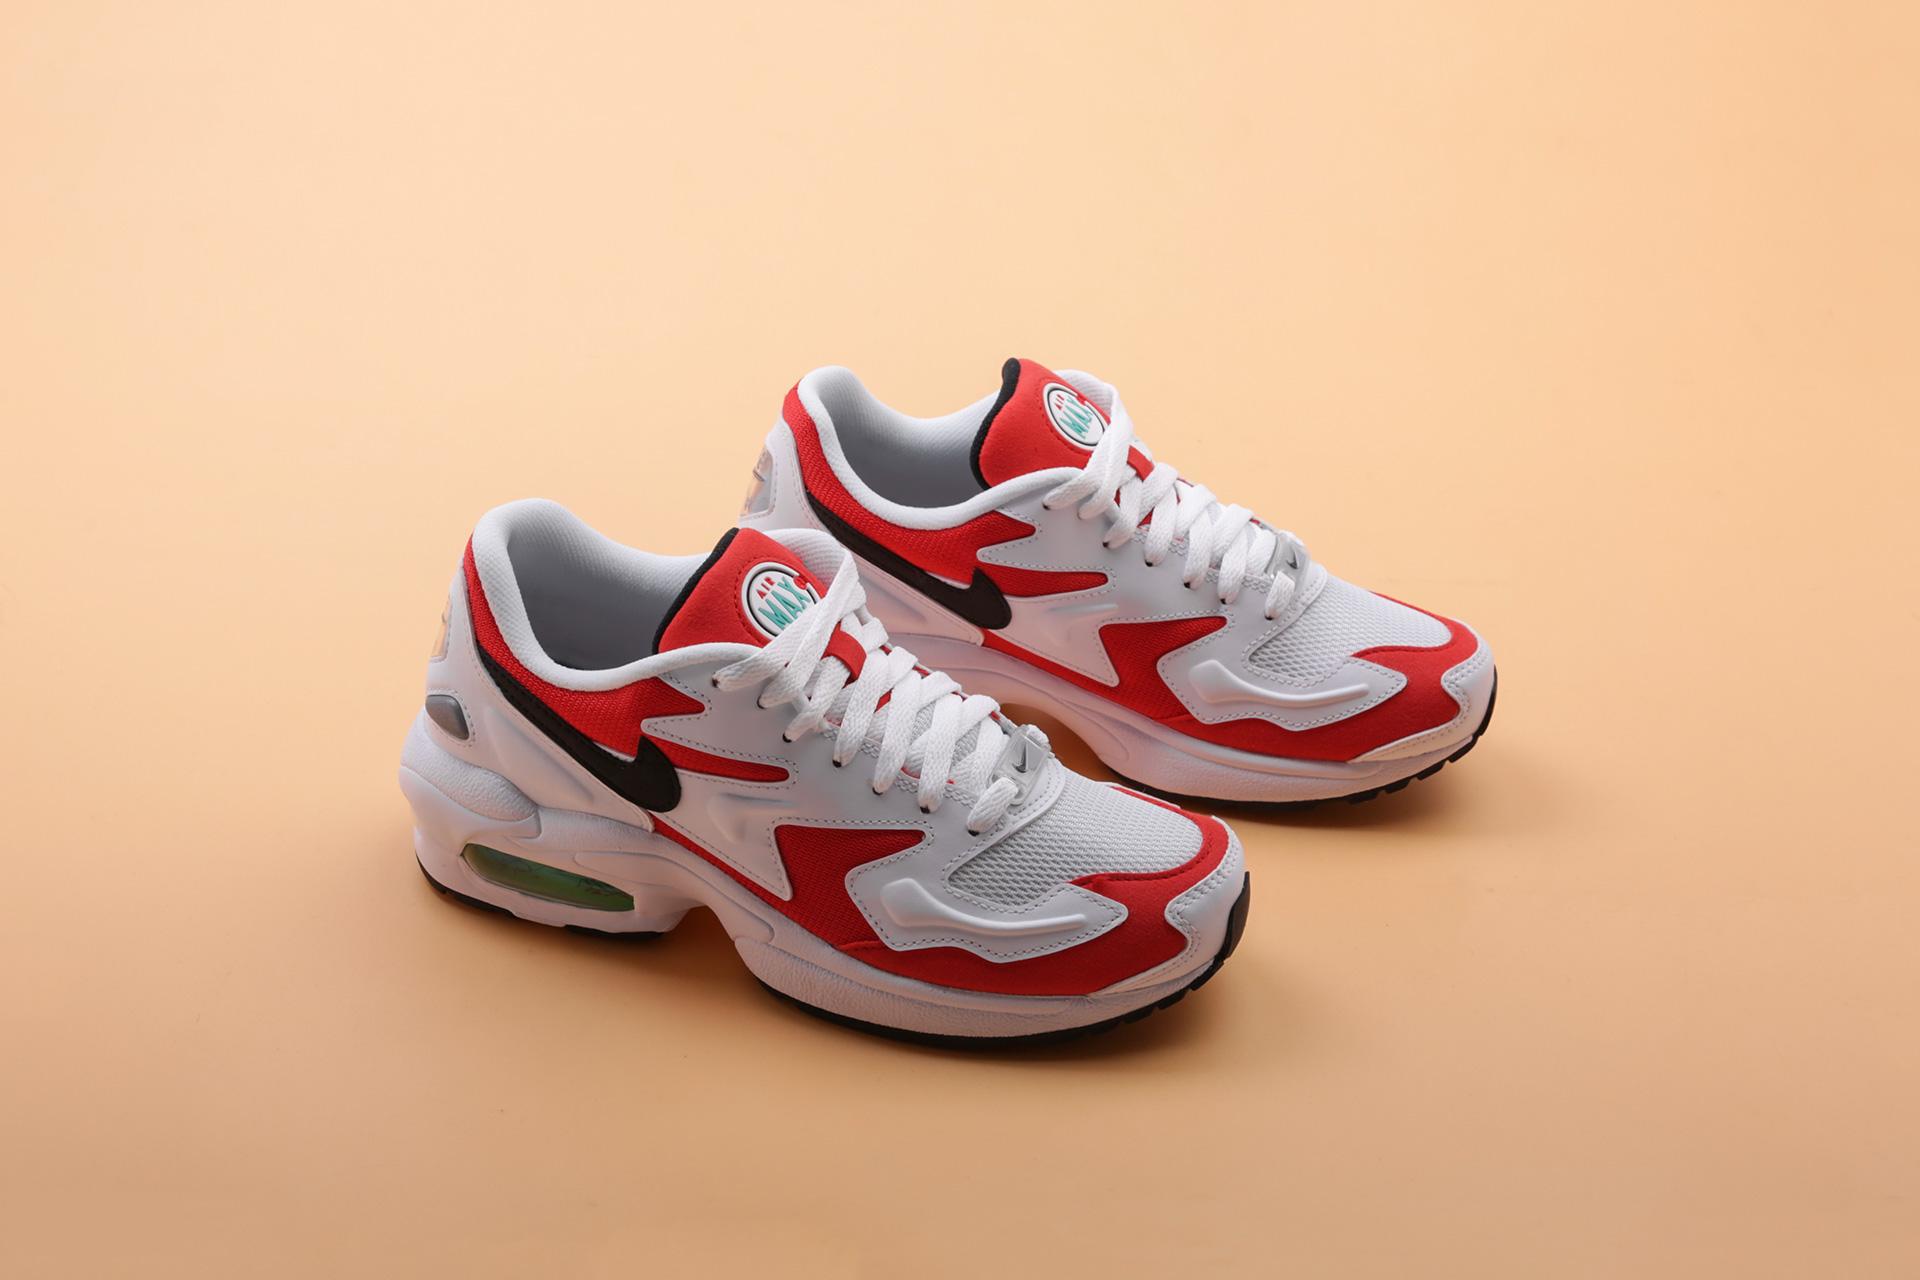 28a59da0 Купить белые кроссовки Air Max 2 Light от Nike (AO1741-101) по цене ...